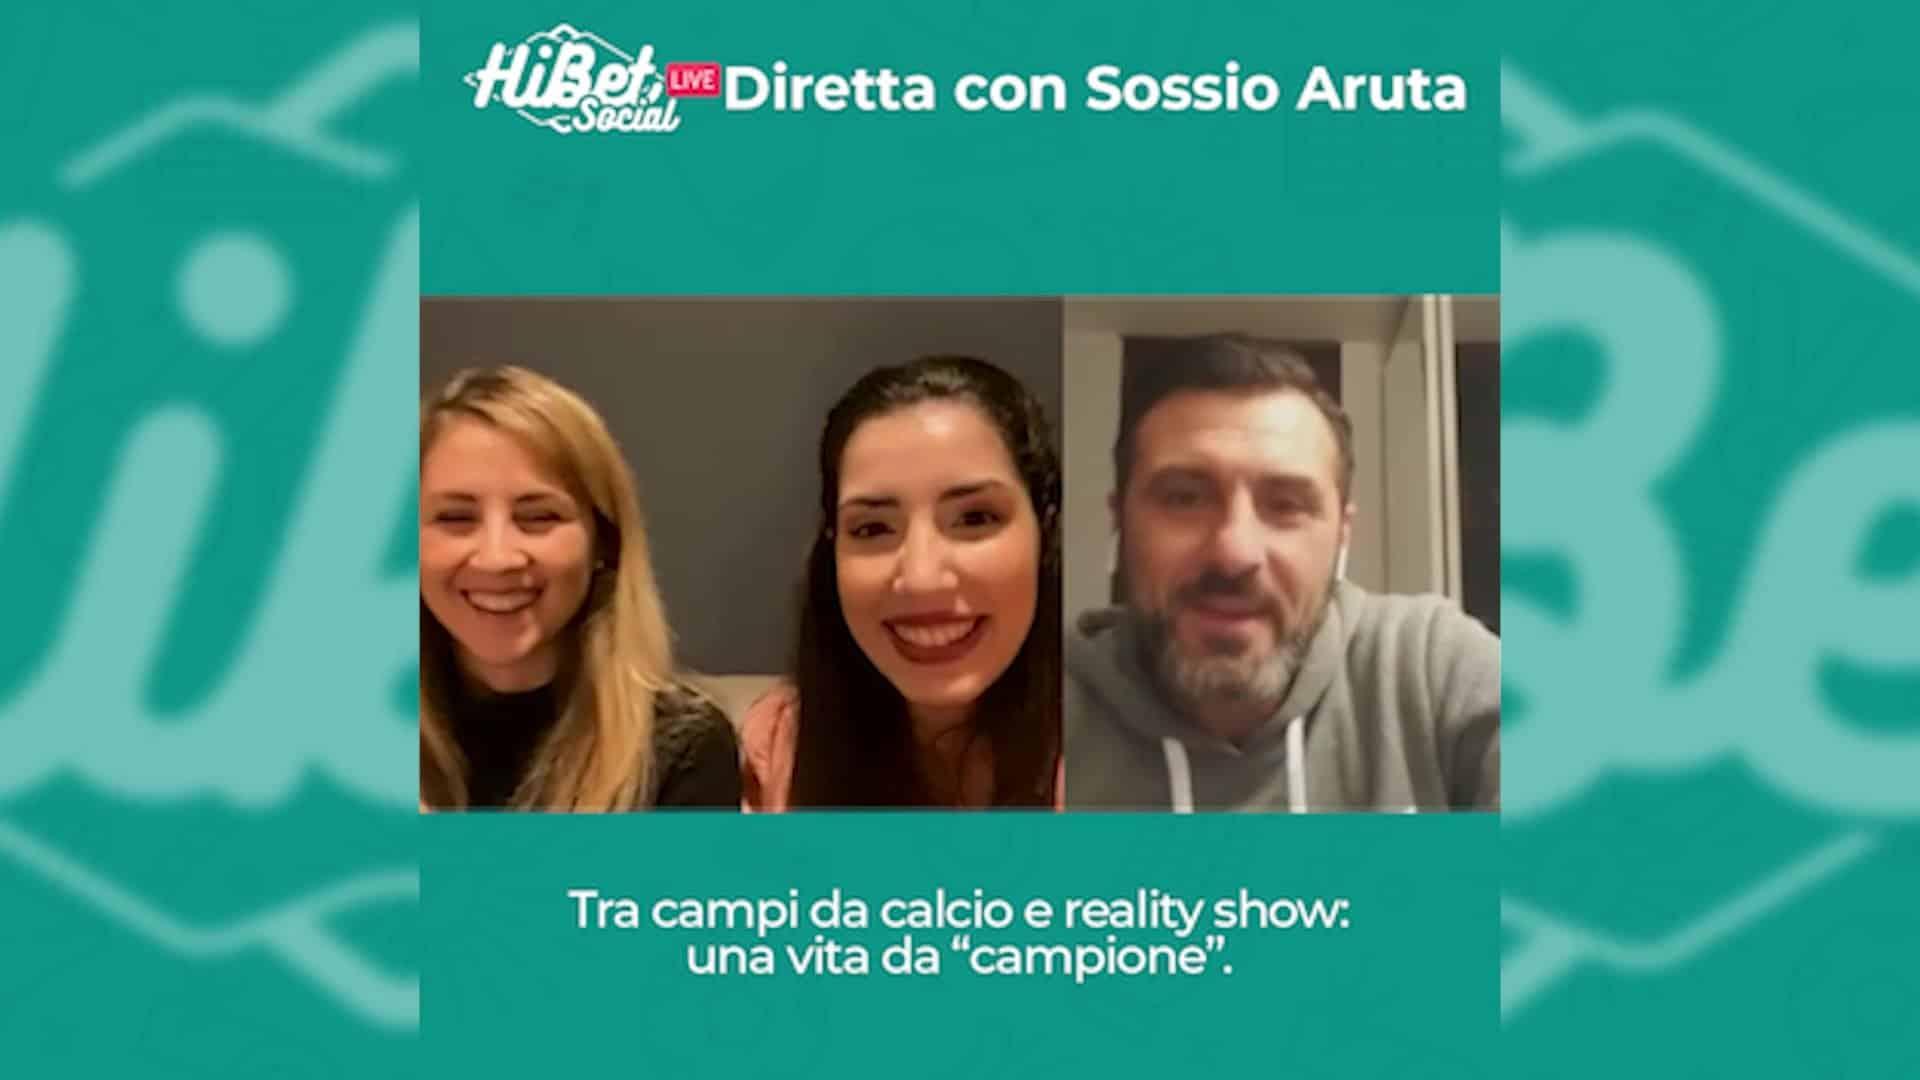 Diretta con Sossio Aruta protagonisa di reality come Campioni, Uomini e Donne, Temptation Island, Gf Vip